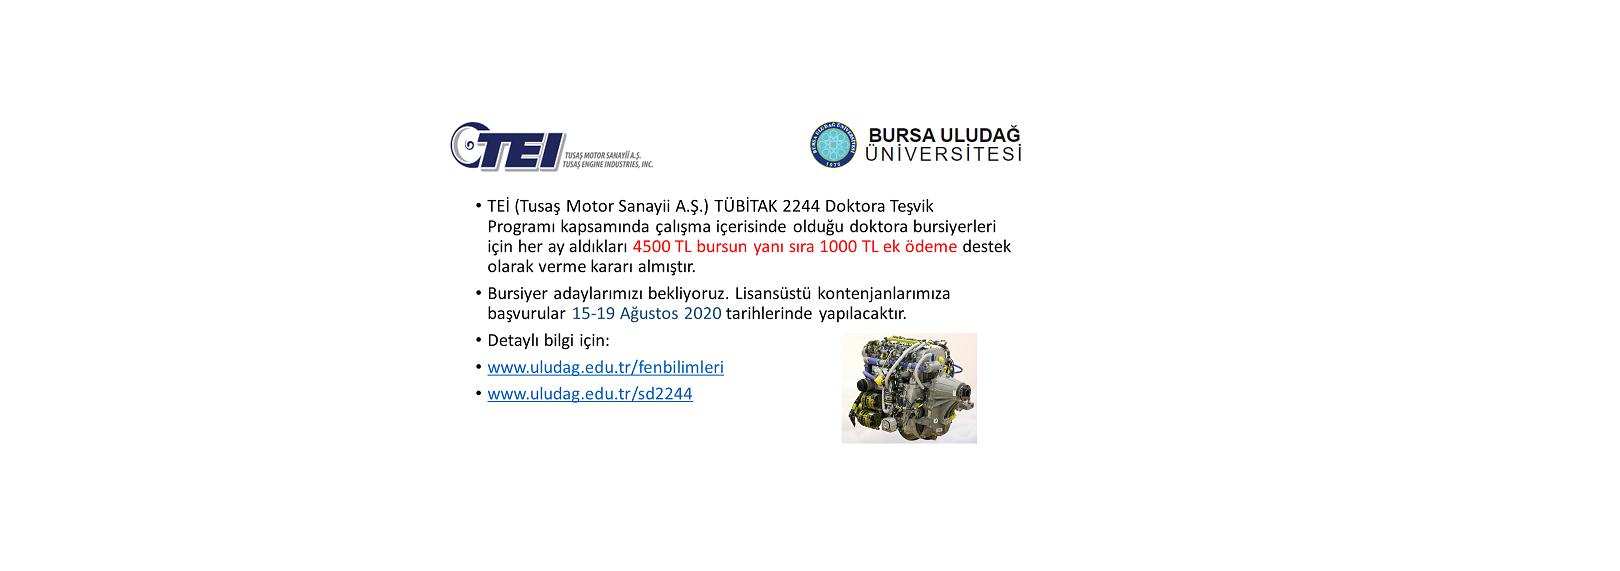 TEİ'den Tübitak 2244 bursiyerlerine ek 1000TL destek